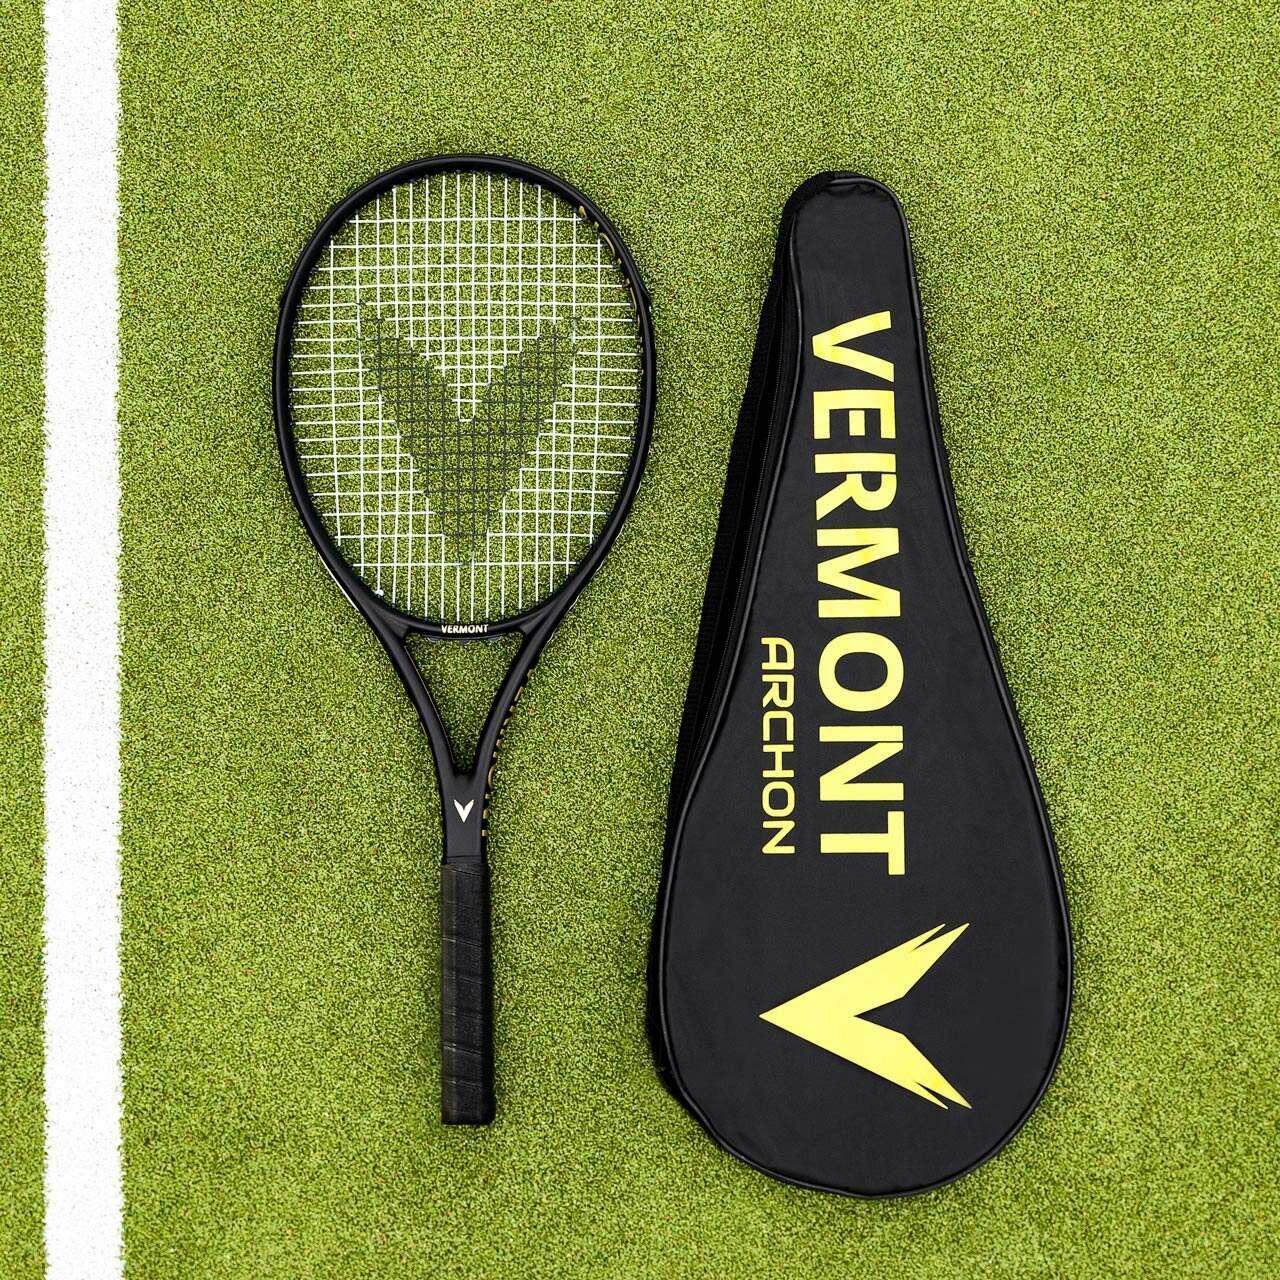 Raqueta Archon de tenis de Vermont